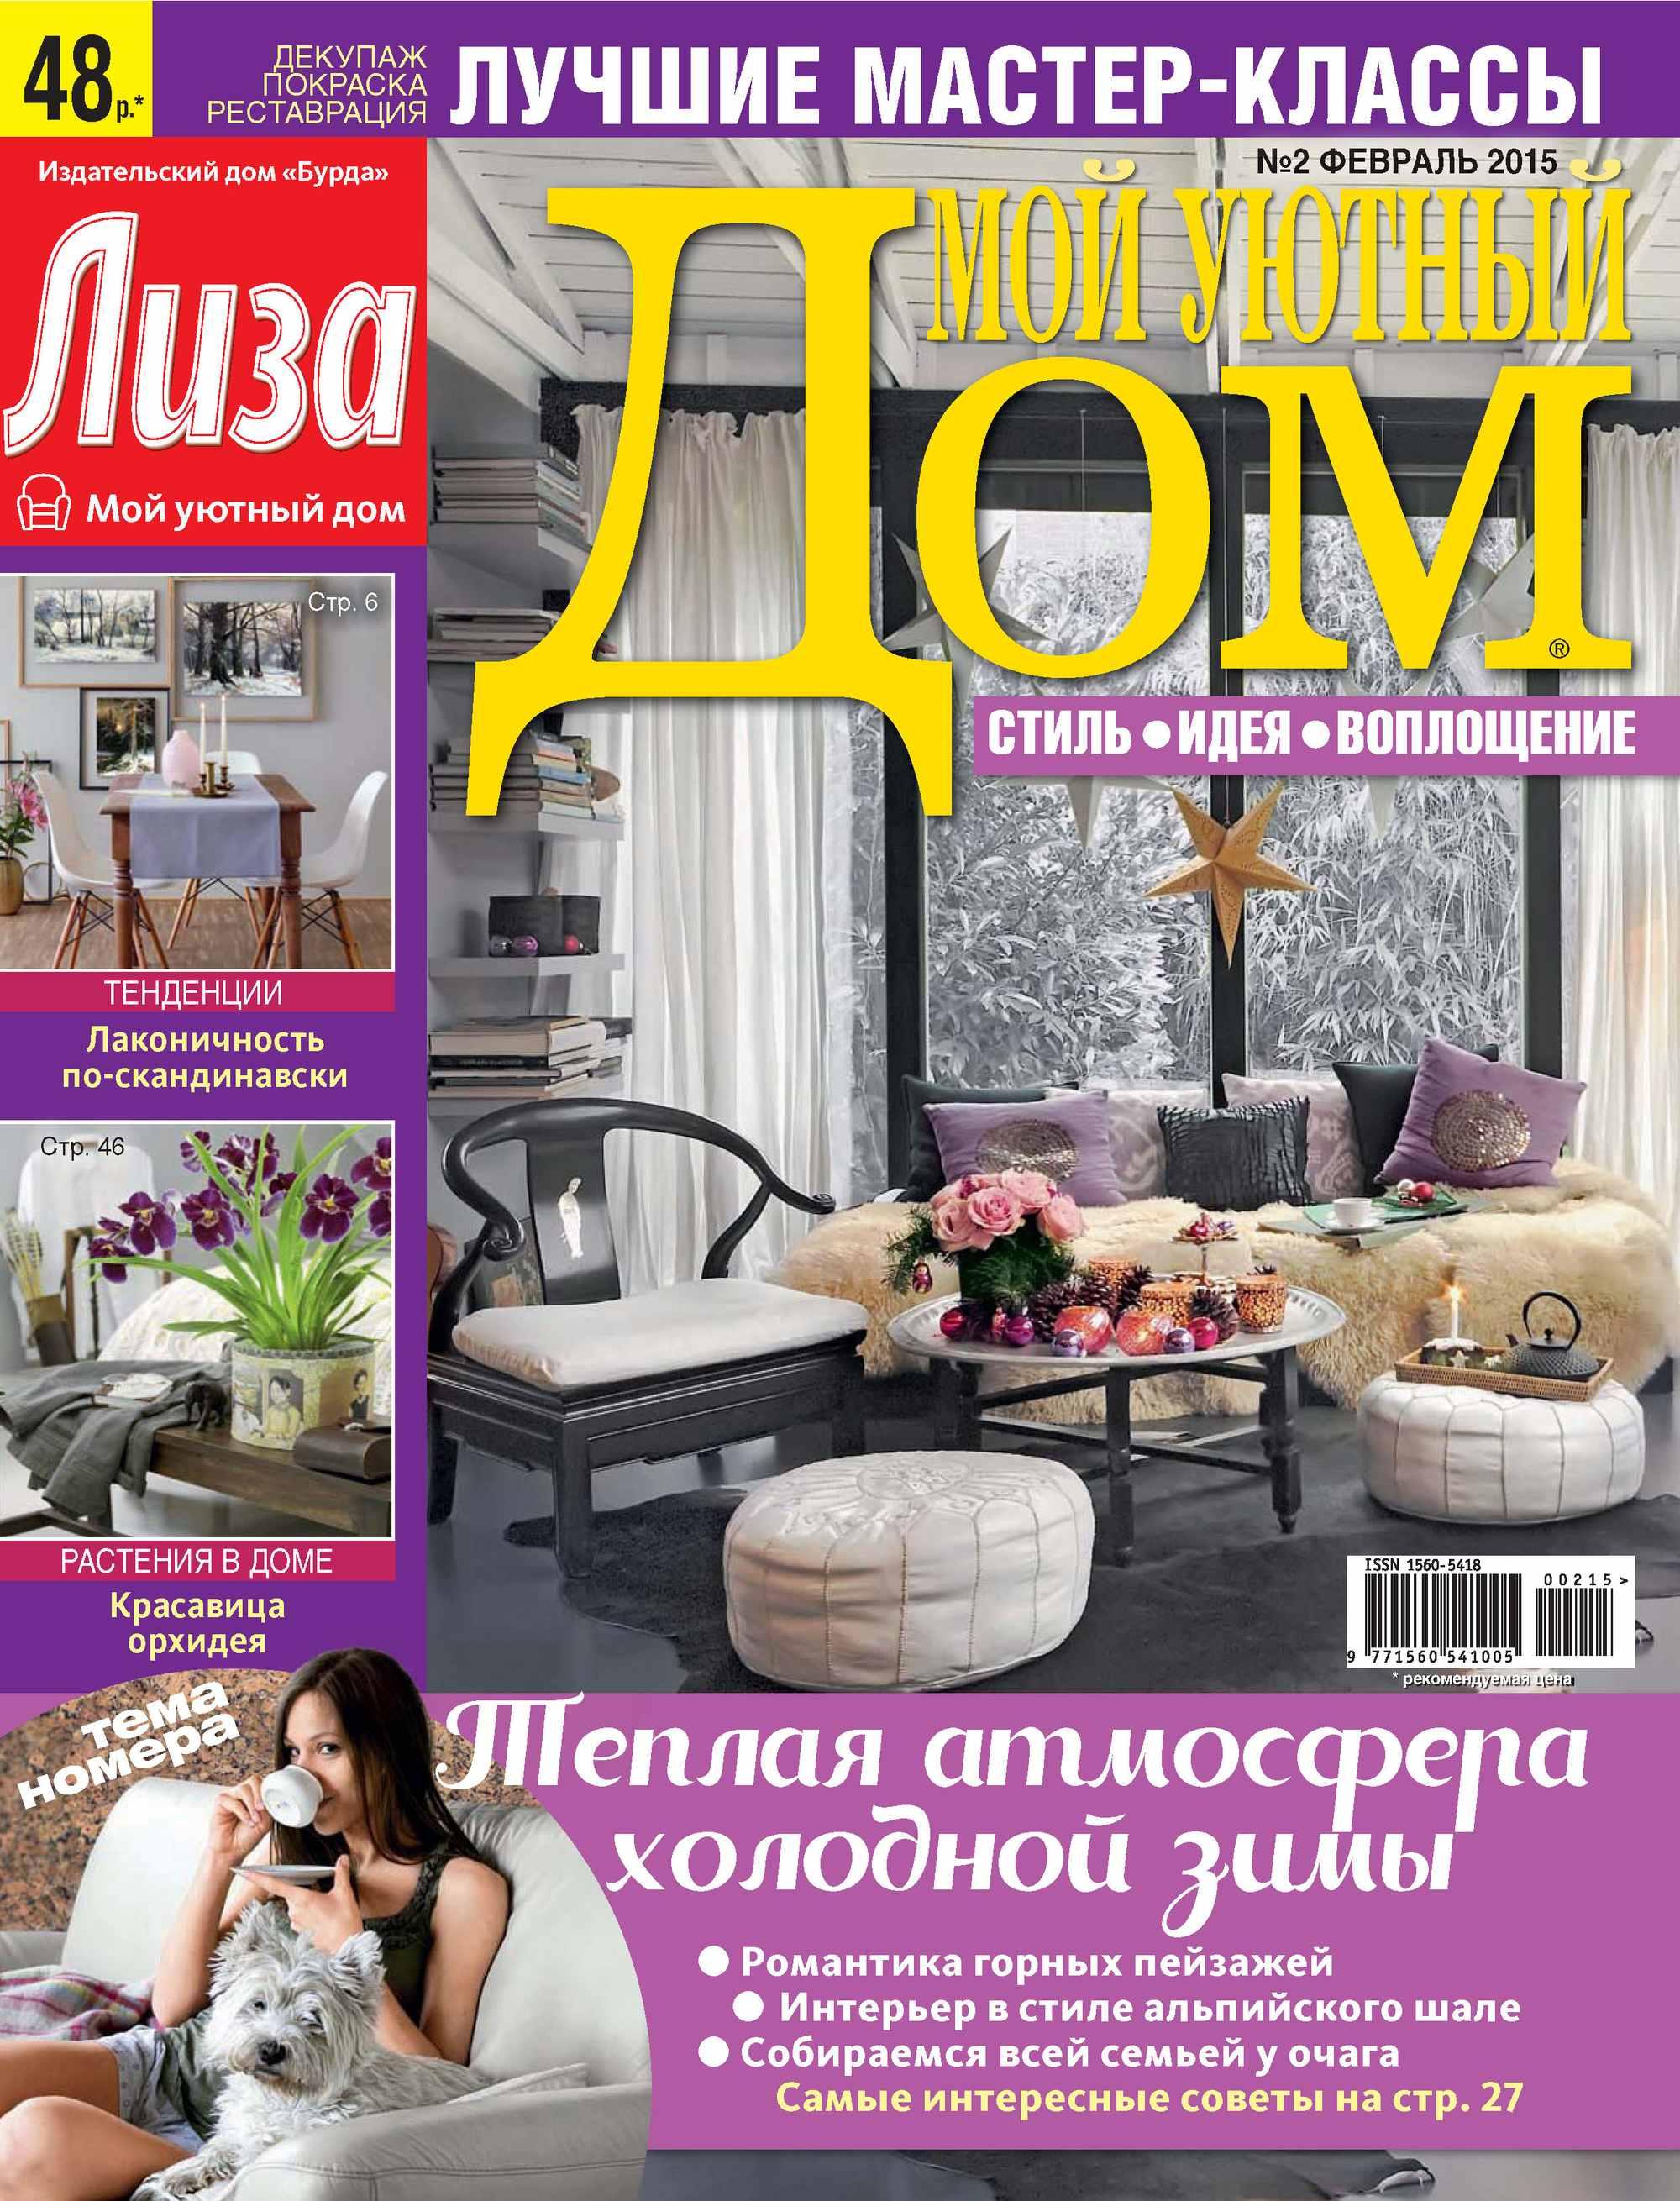 ИД «Бурда» Журнал «Лиза. Мой уютный дом» №02/2015